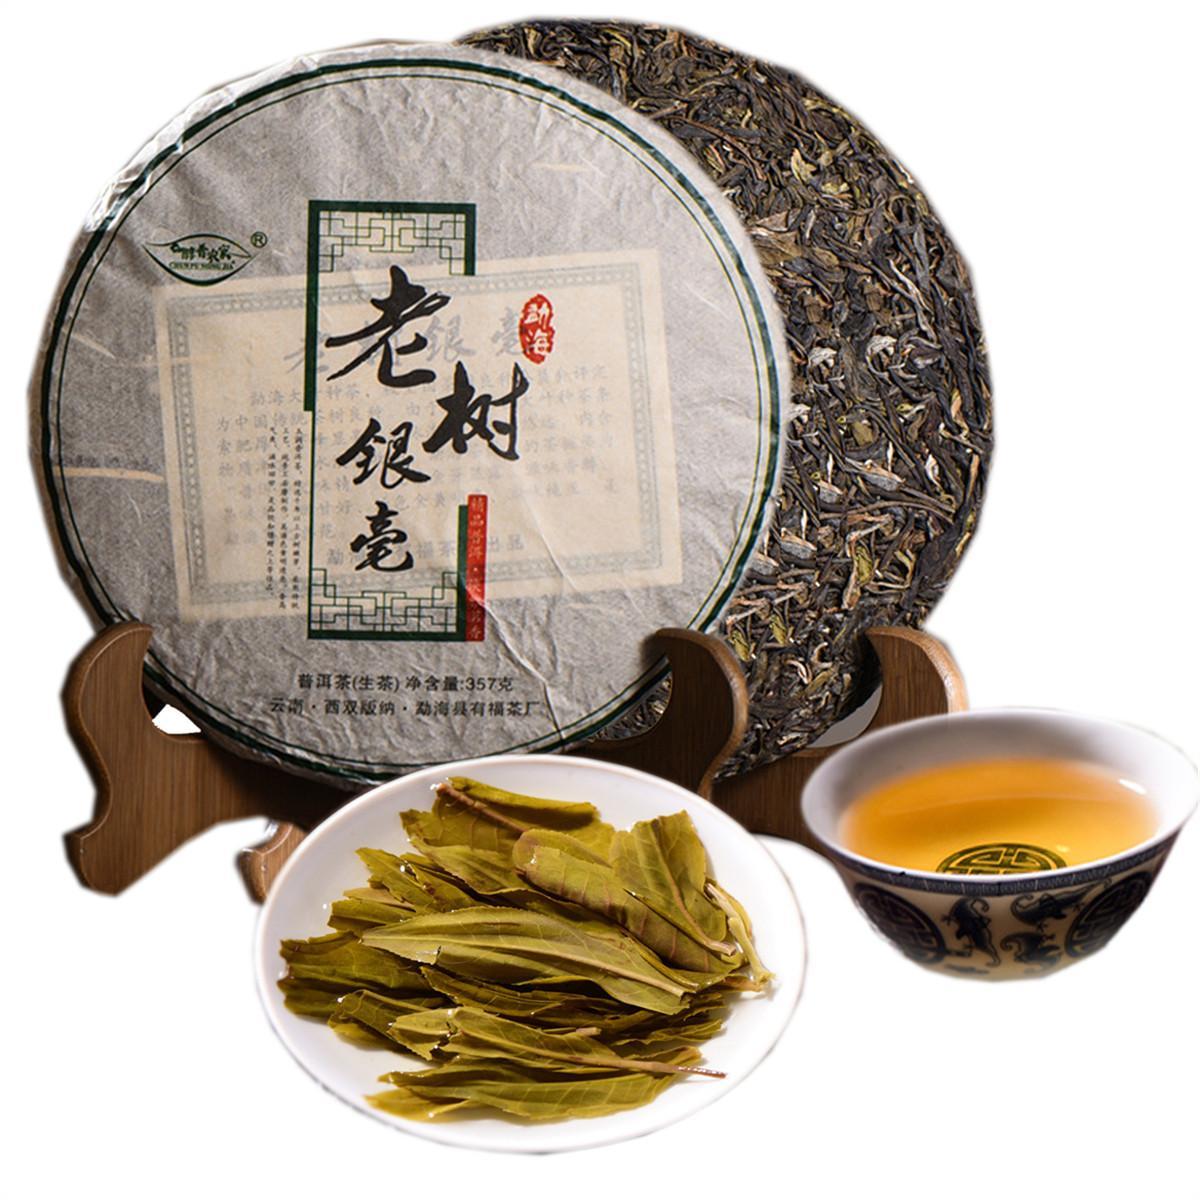 Sıcak Yunnan Erken Bahar Sheng Pu-erh Çay Kek Alp Ekolojik Yaşlı Ağaç Saf Malzeme Pu'er Ham Çay 357g